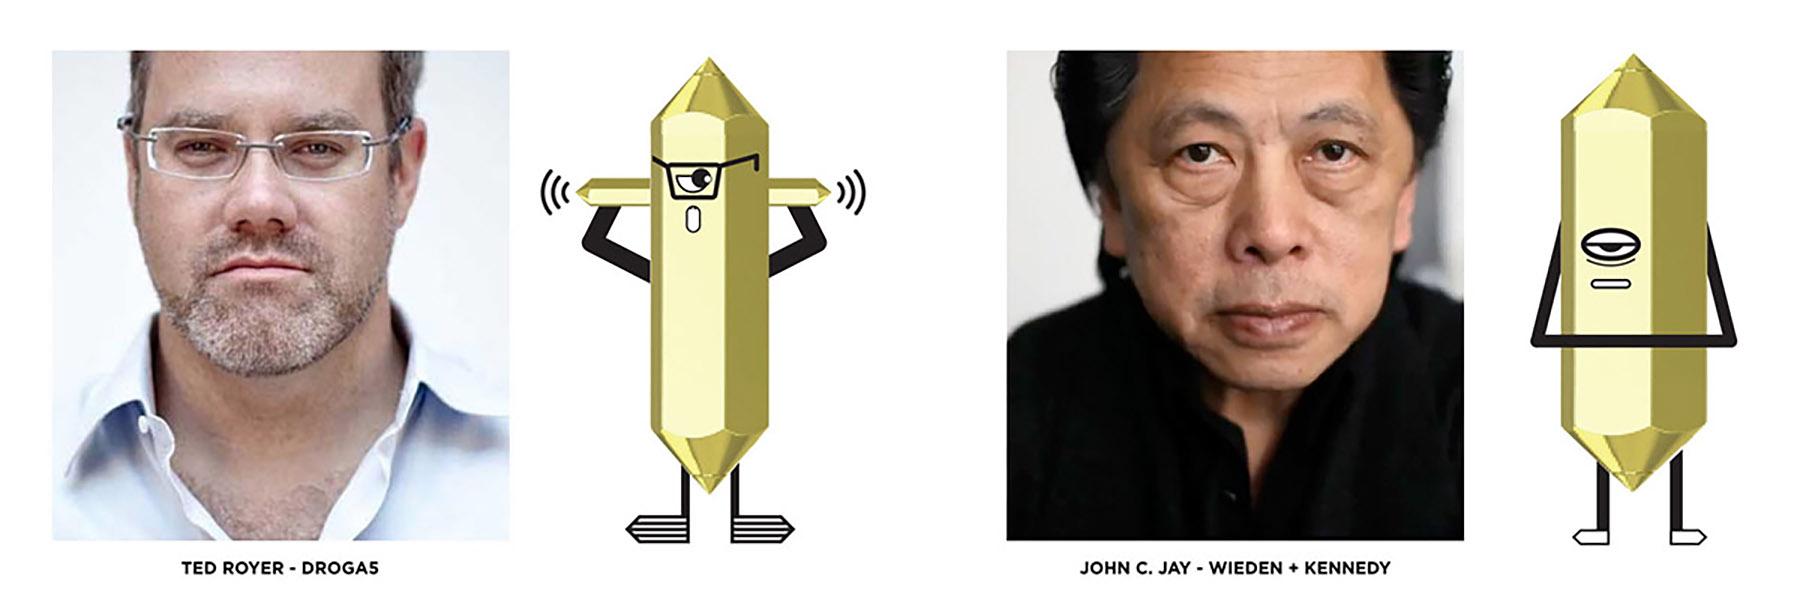 Ted Royer & Jon Jay